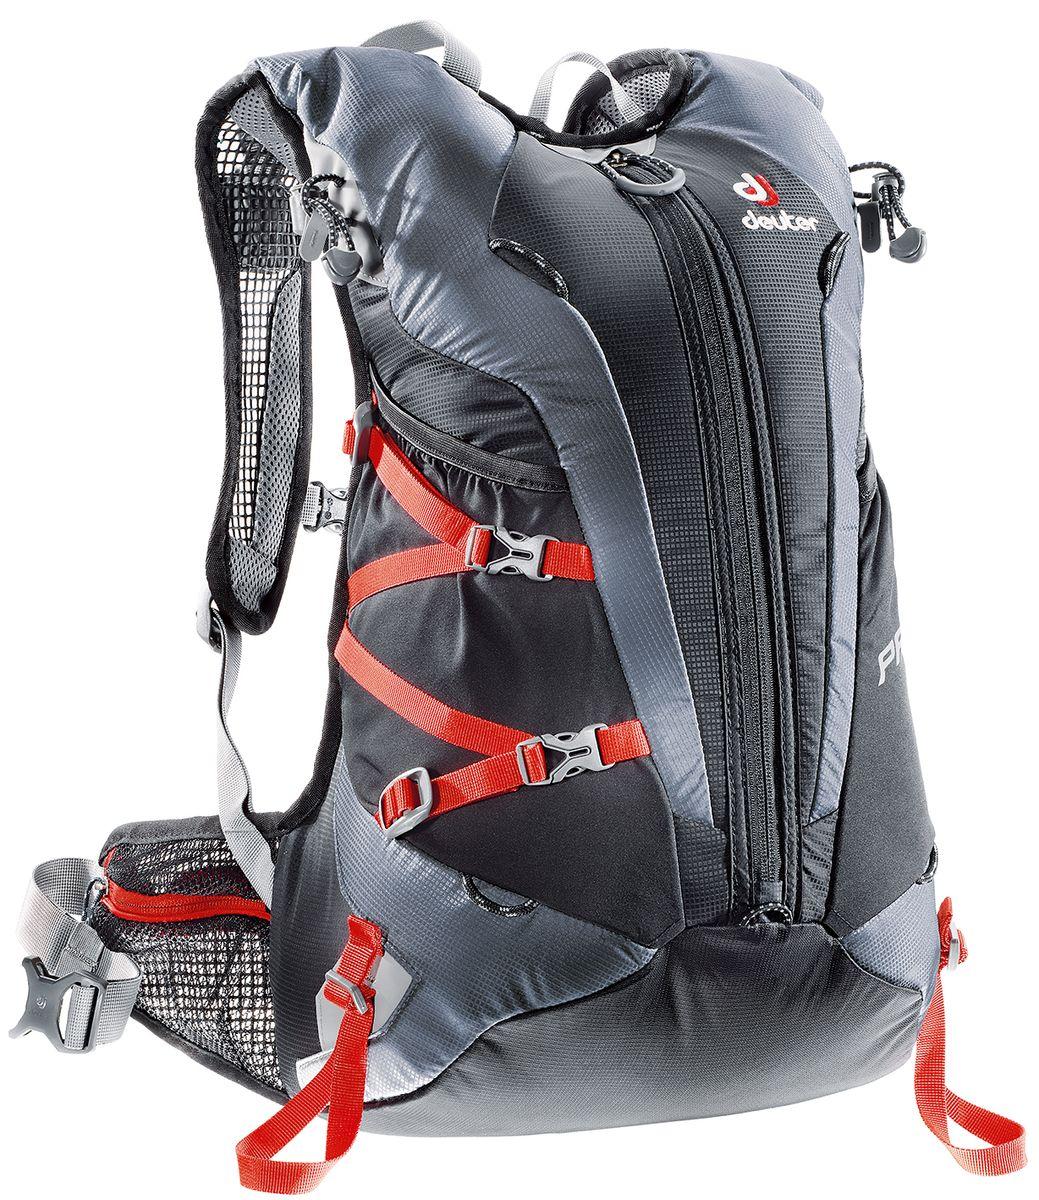 Рюкзак спортивный Deuter Pace, цвет: черный, серый, 20 лK50K502217_313Уменьшение веса равно уменьшению усилий. Вот почему команда дизайнеров Pace следует лозунгу Вы это едва чувствуете. Легкие крылья пояса анатомической формы и лямки из сетчатой ткани обеспечивают легкую подгонку. Особенности: 3М отражатели спереди и сзади; Боковые карманы; Крепления для кошек и ледоруба; Карман для ценных вещей; Совместимо с гидросистемой; Крепление для лыж; Карман-клапан для перчаток, шлема; Вес: 630 г. Размеры: 48 х 28 х 20 см. Объем: 20 л.